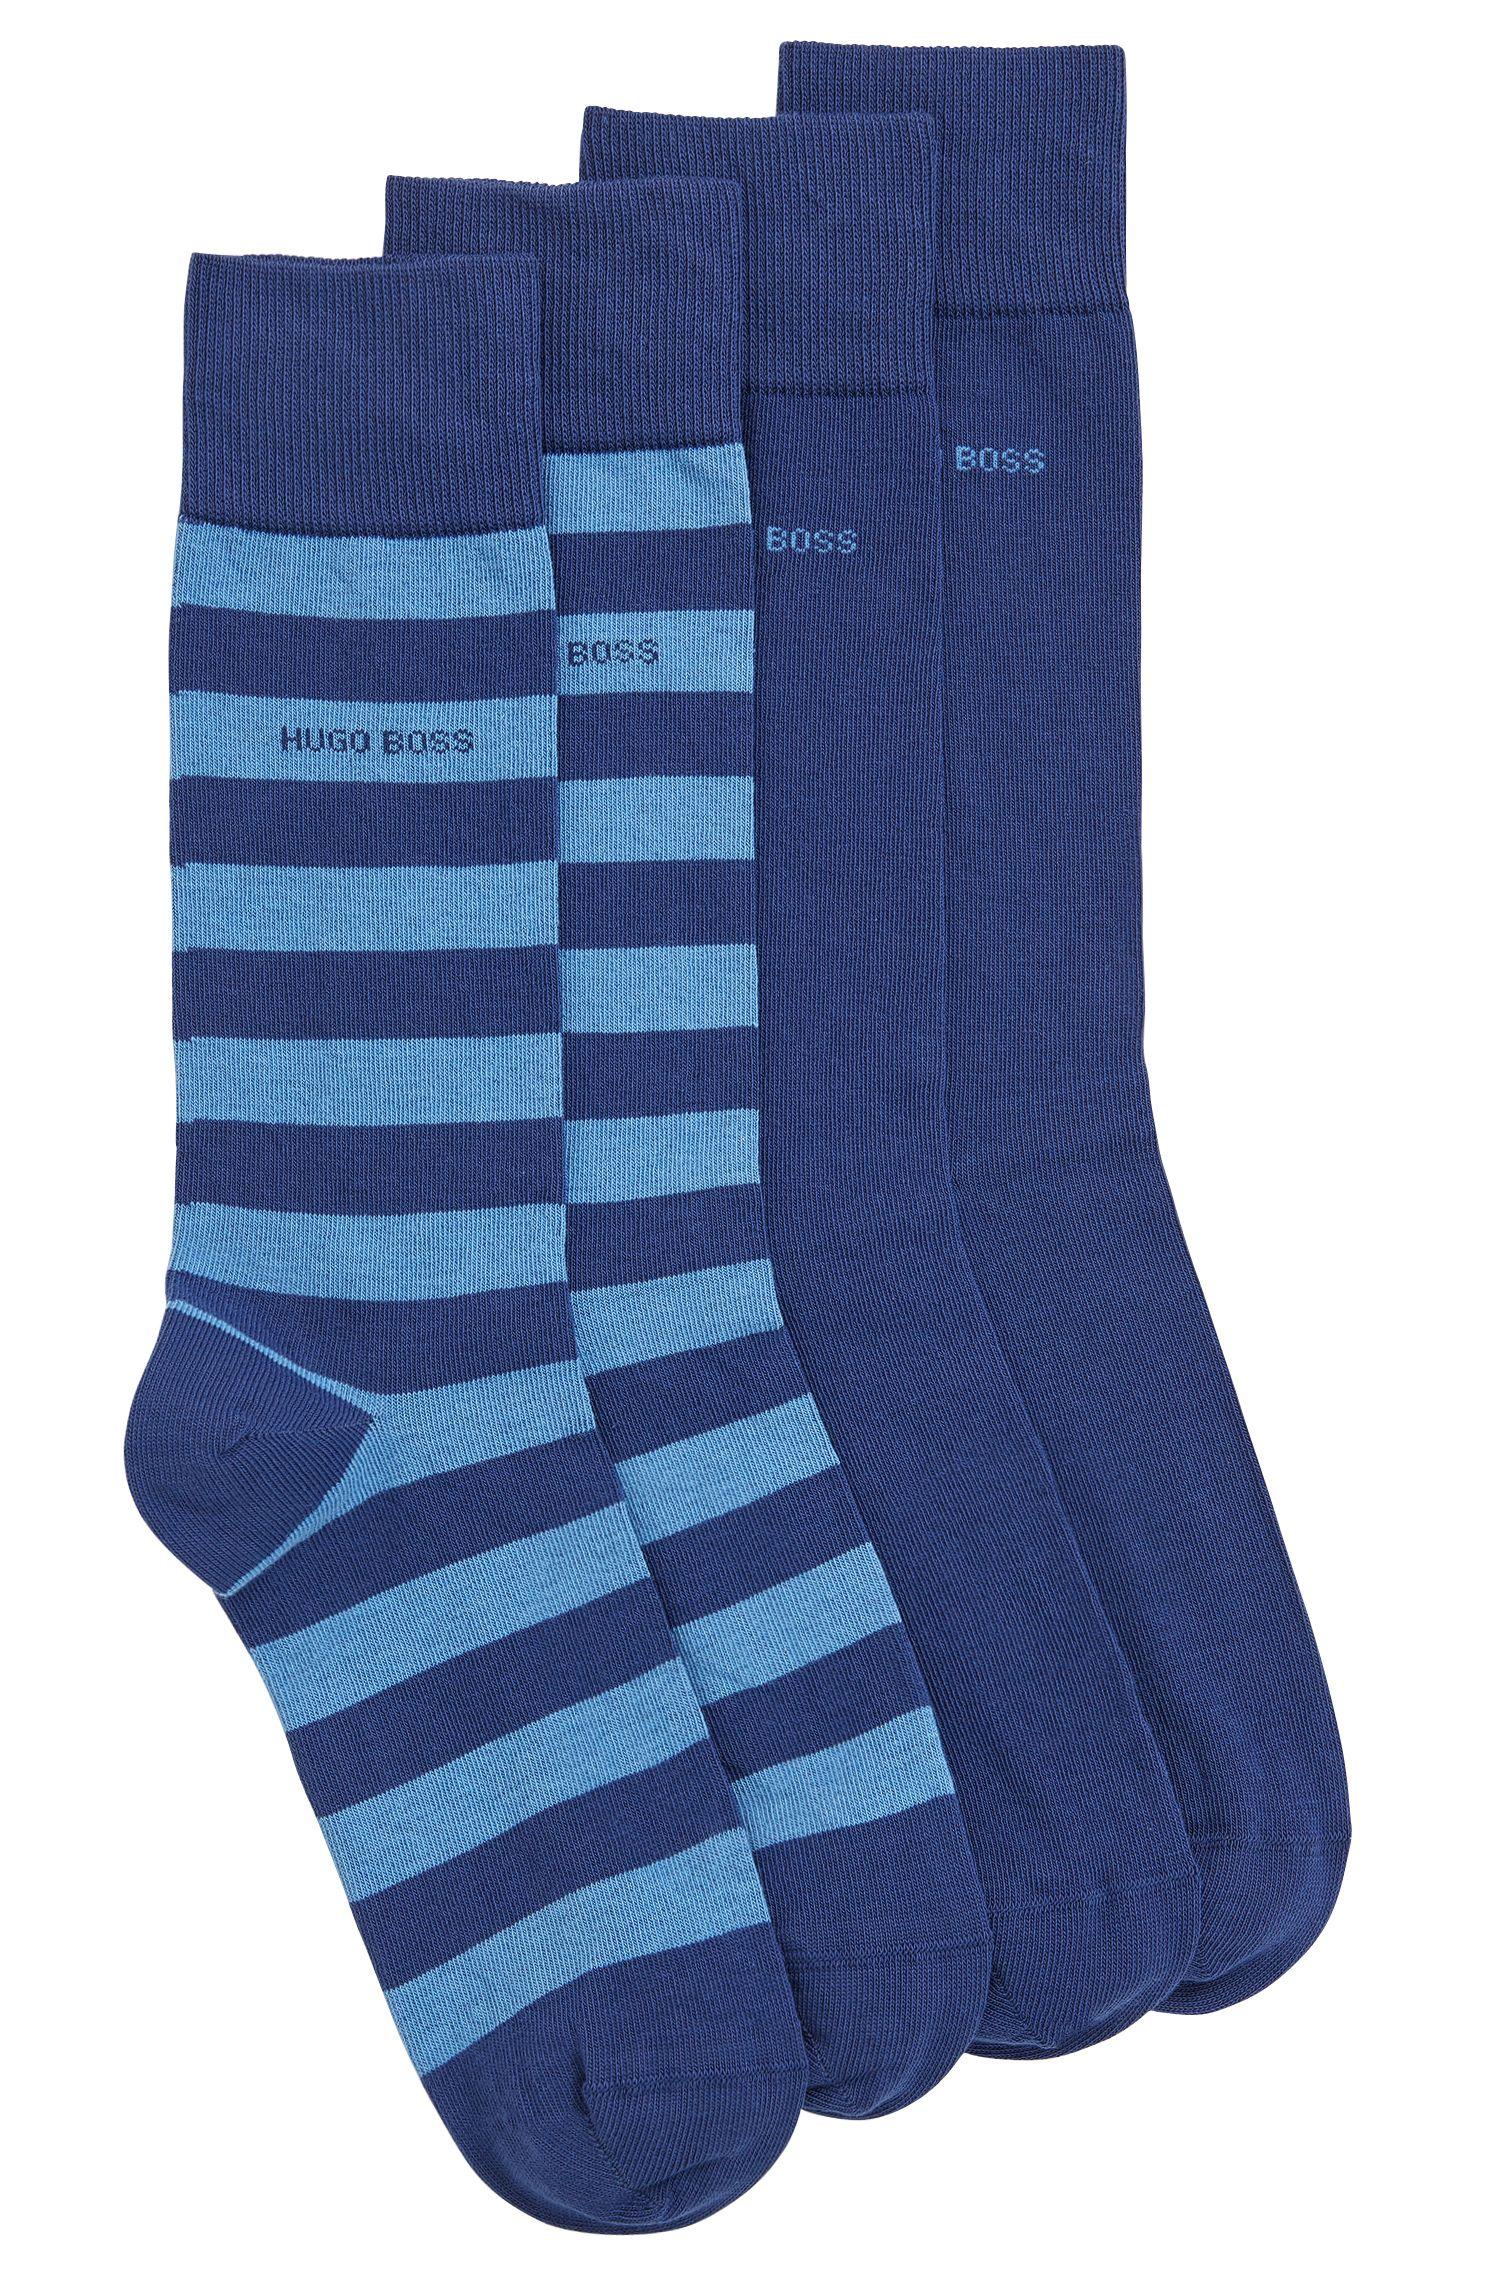 Confezione da due paia di calze di lunghezza media in misto cotone pettinato